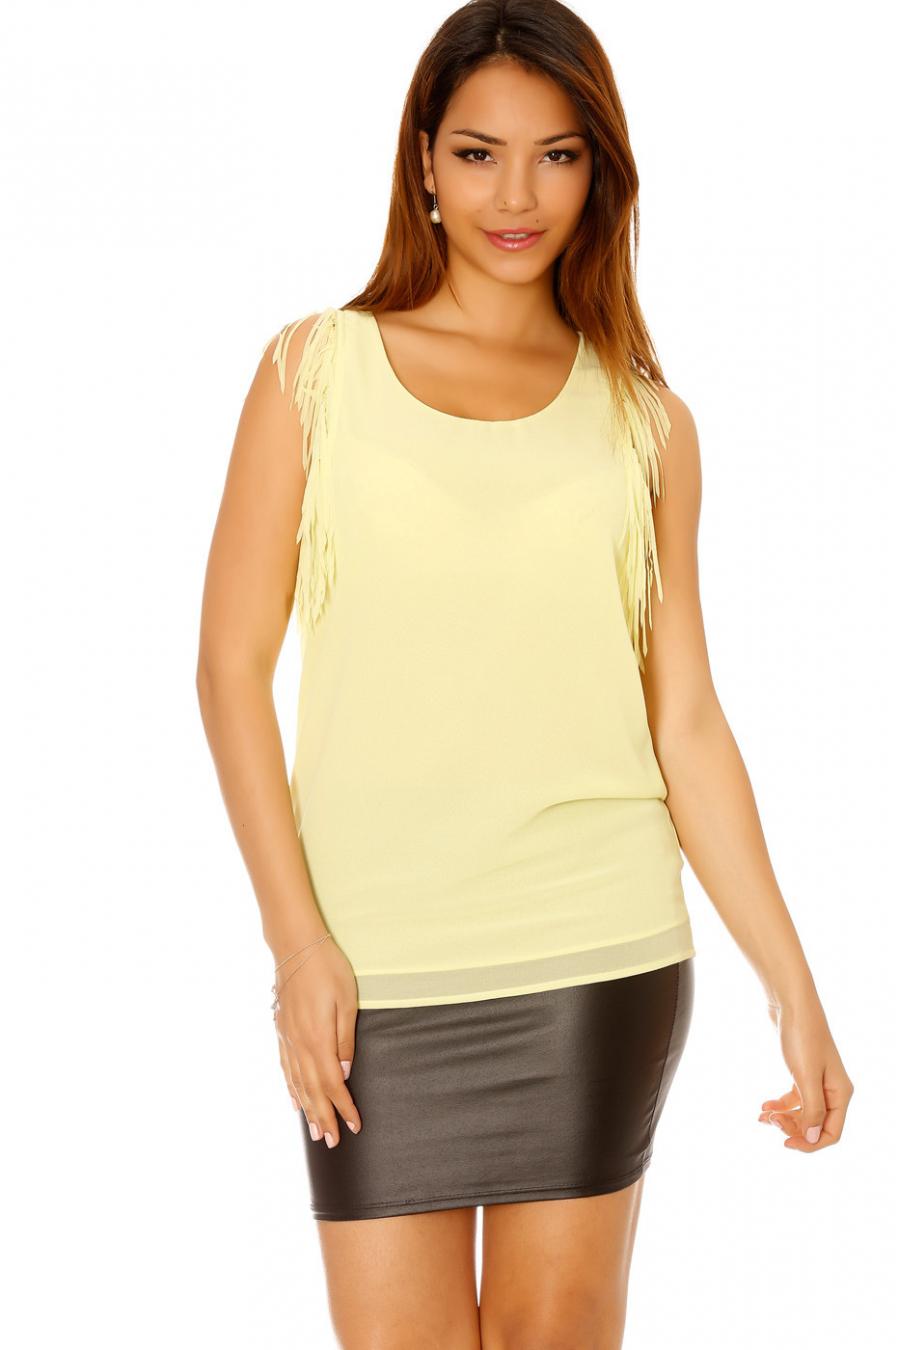 Tunique jaune très chic pour l'été avec franges aux épaules. Tunique 5567